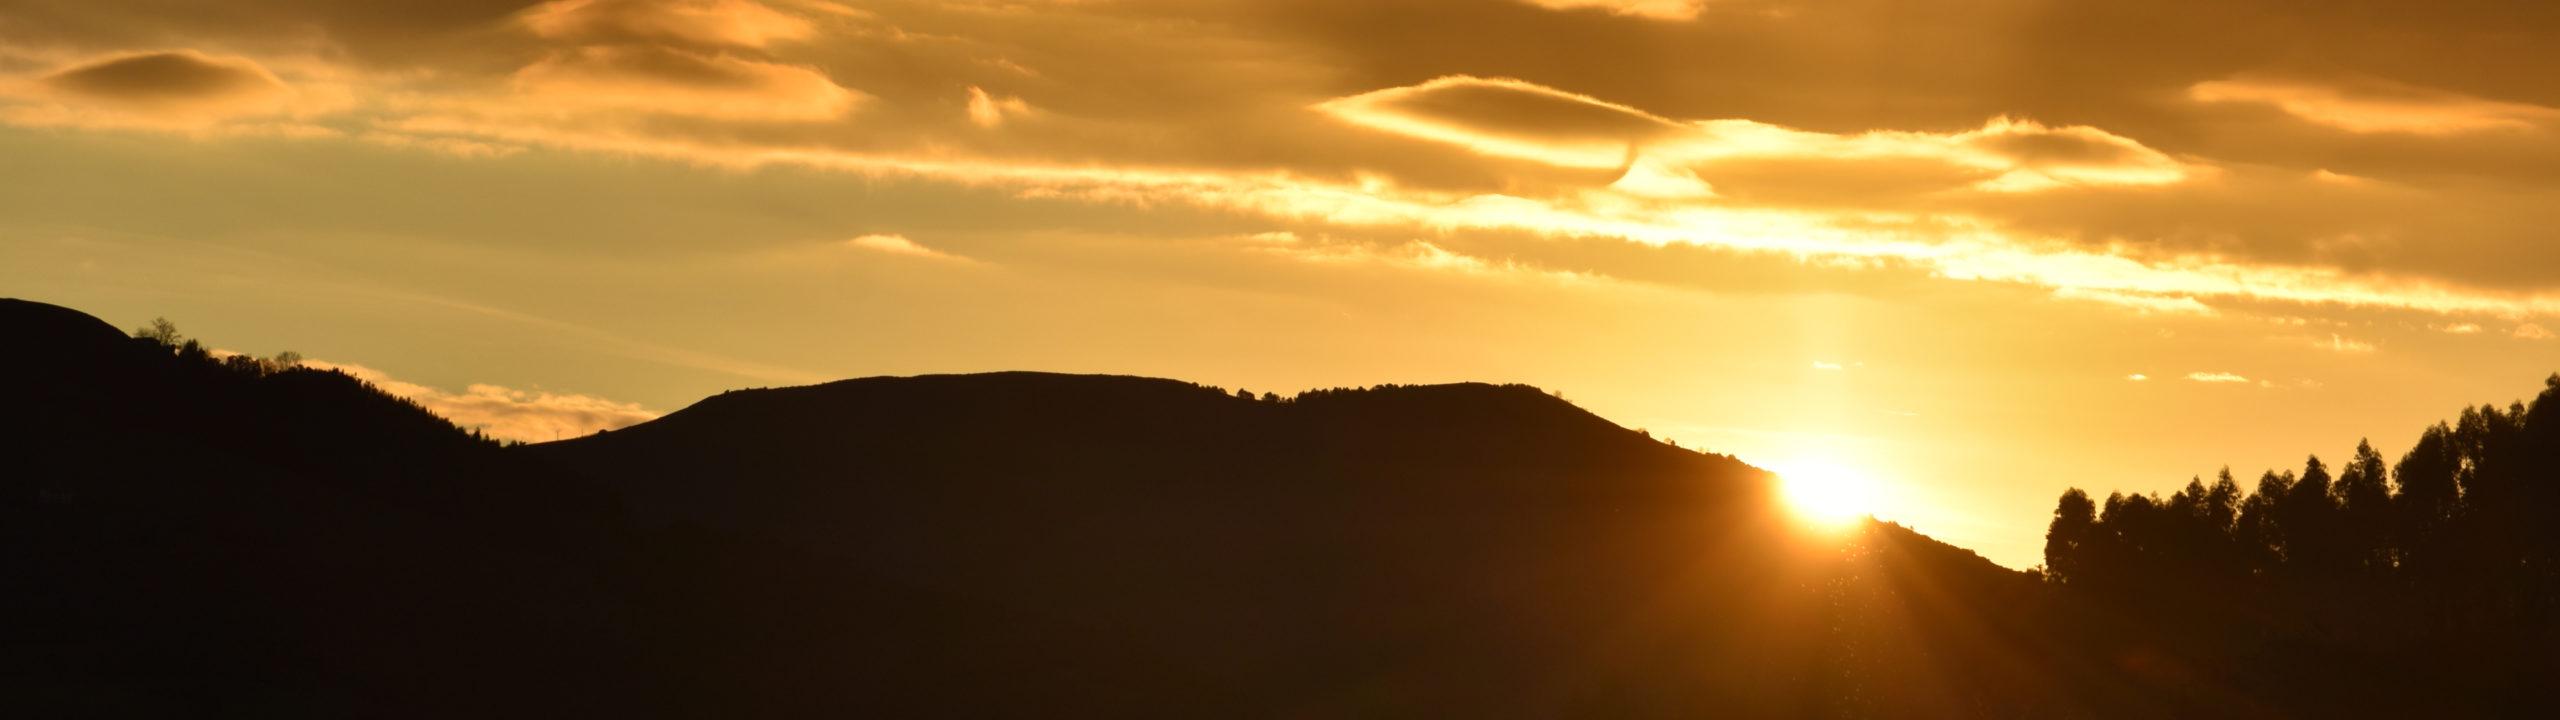 Amanecer / Dawn